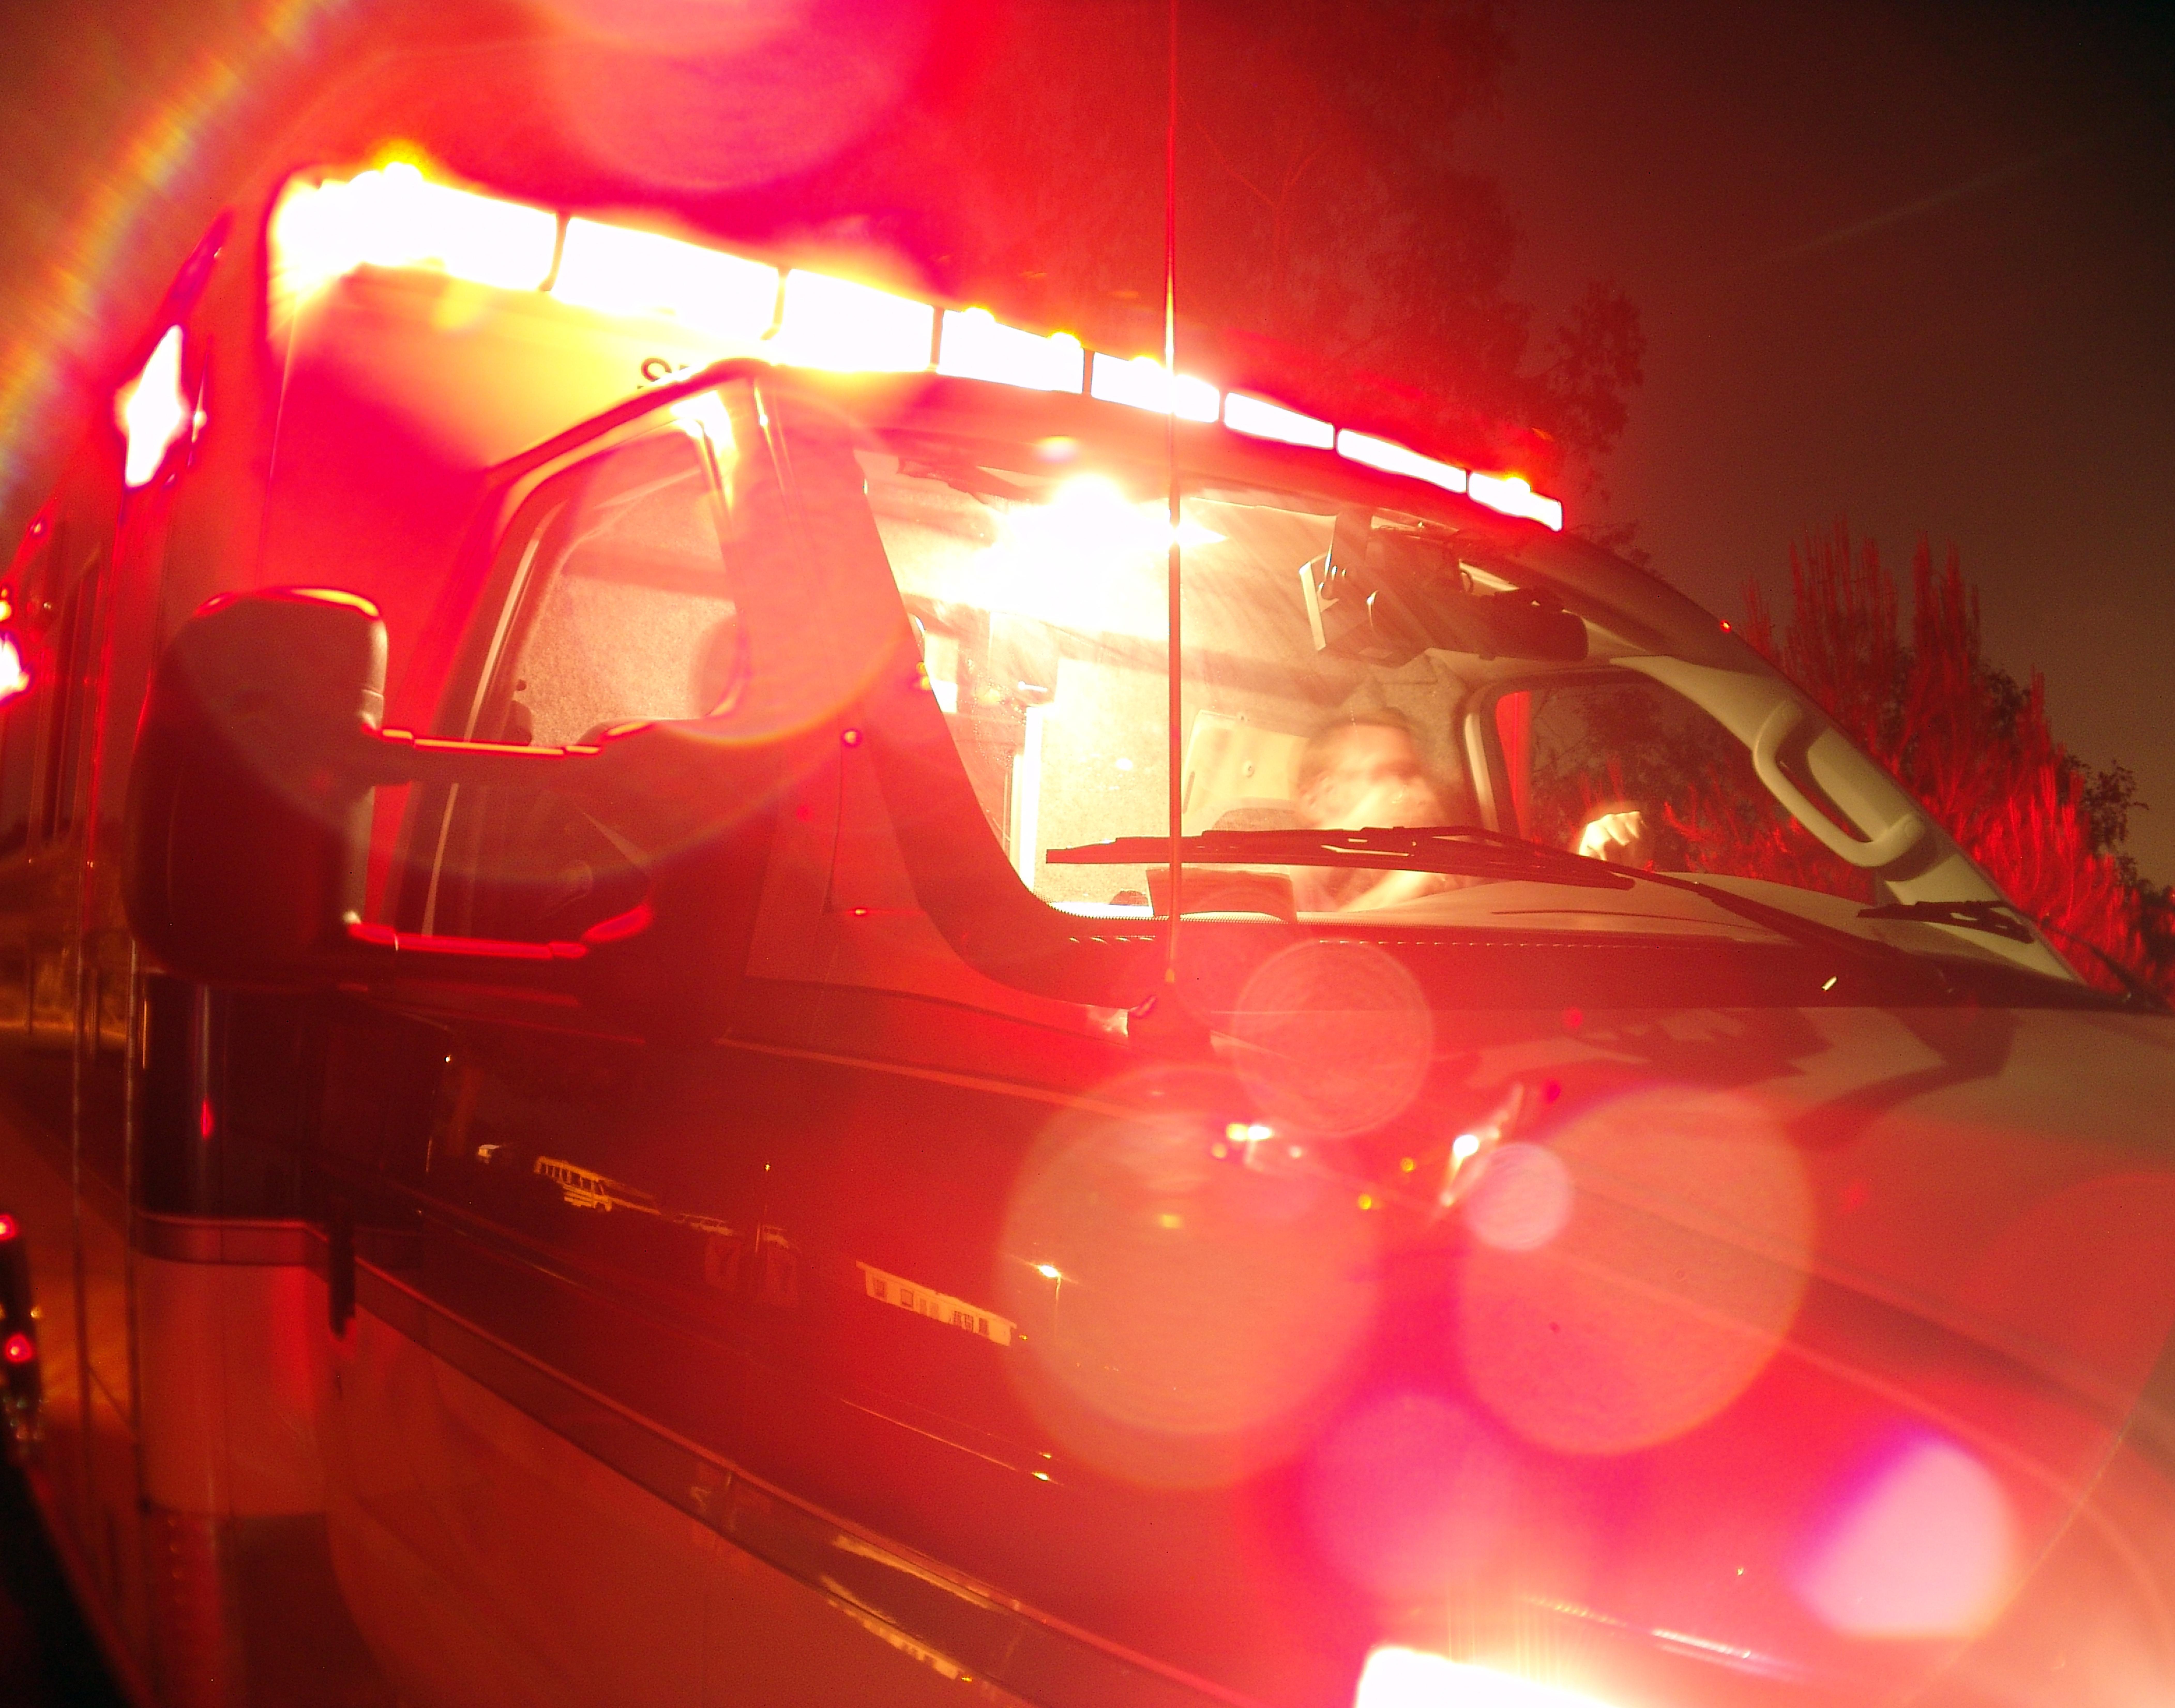 Semi-trailer strikes, seriously injures Illinois trooper